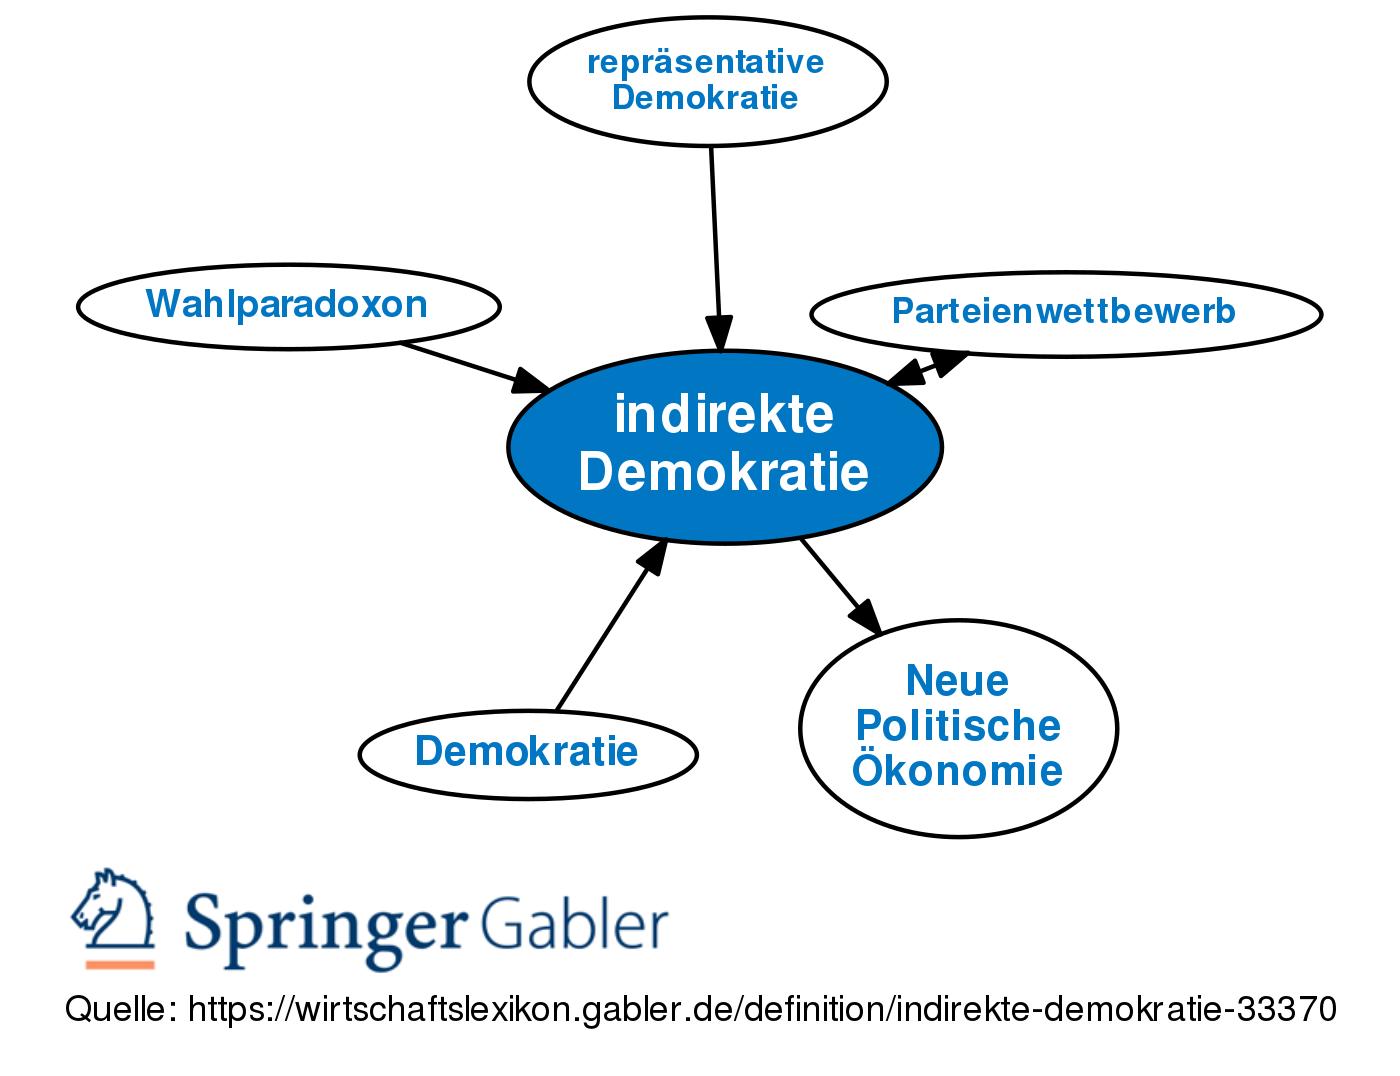 indirekte demokratie definition